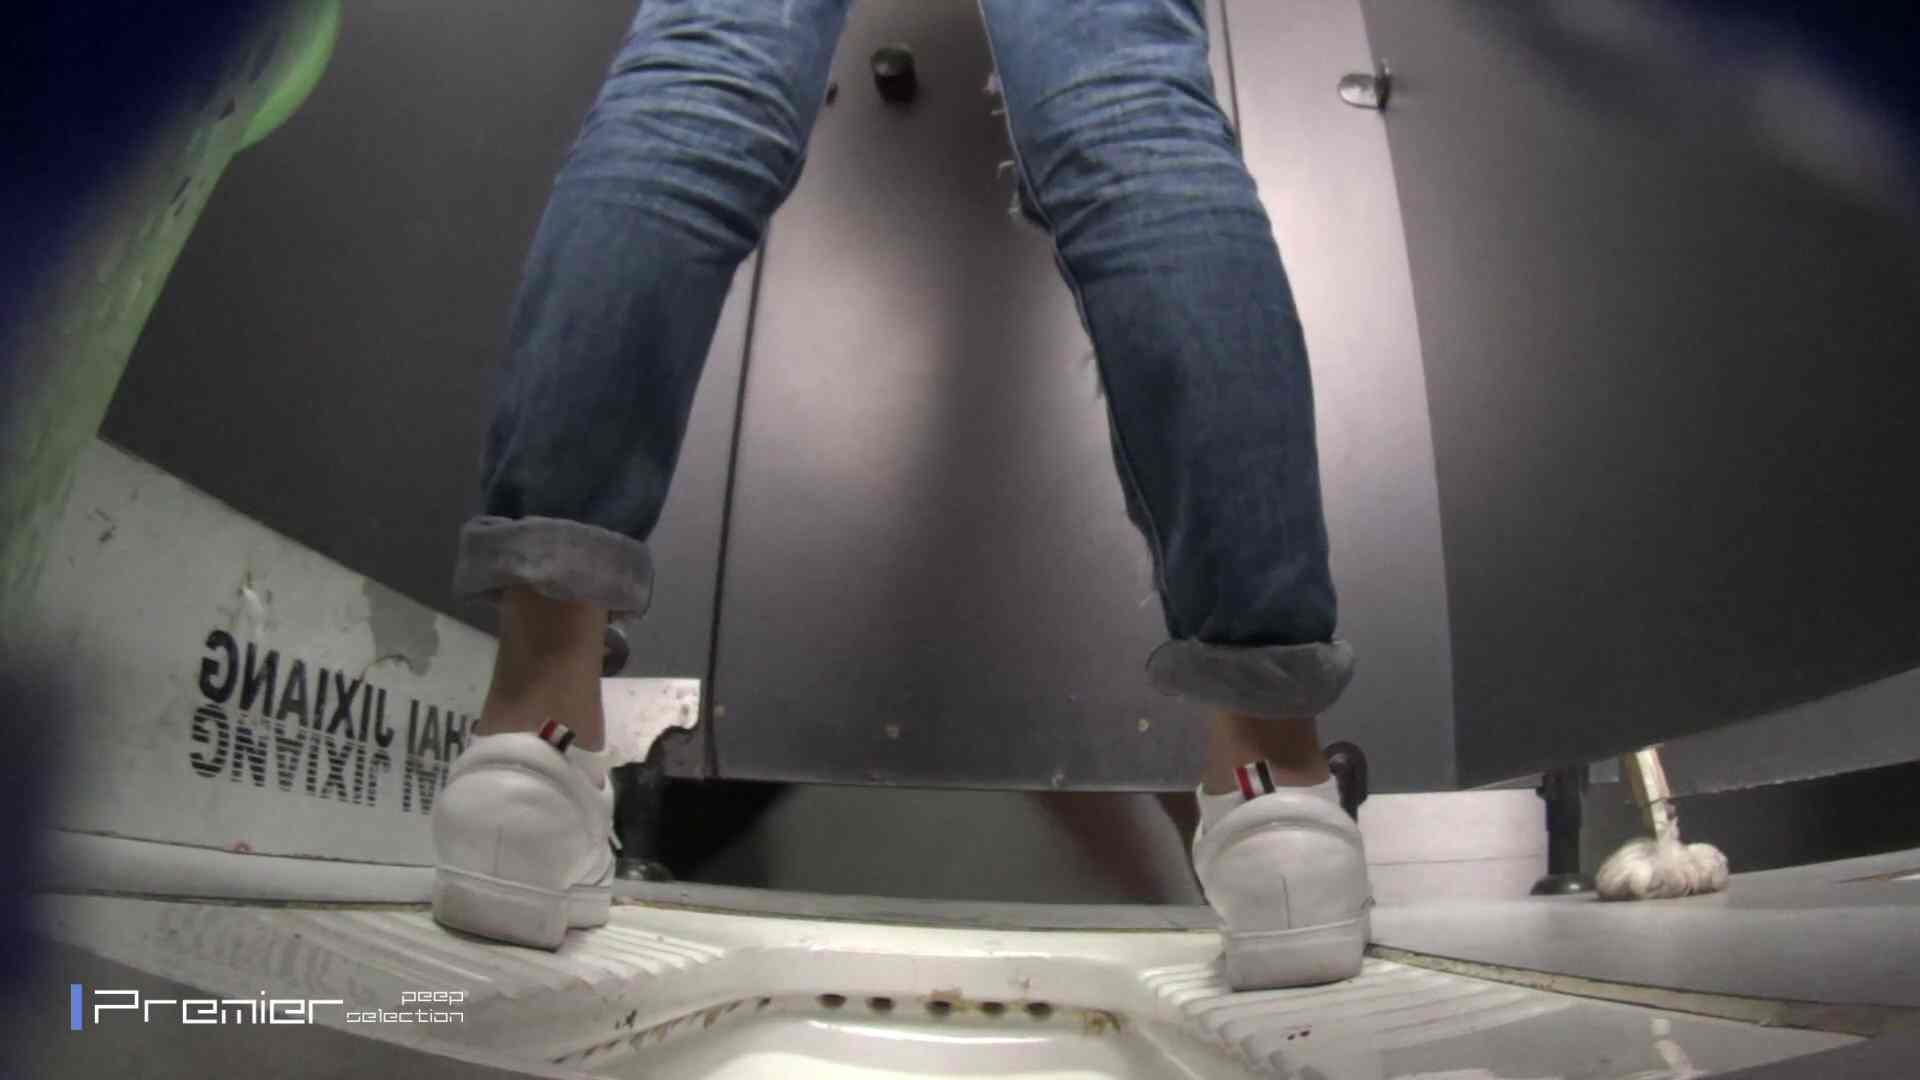 グレースパッツお女市さん 大学休憩時間の洗面所事情31 盗撮 | 美女  88pic 13